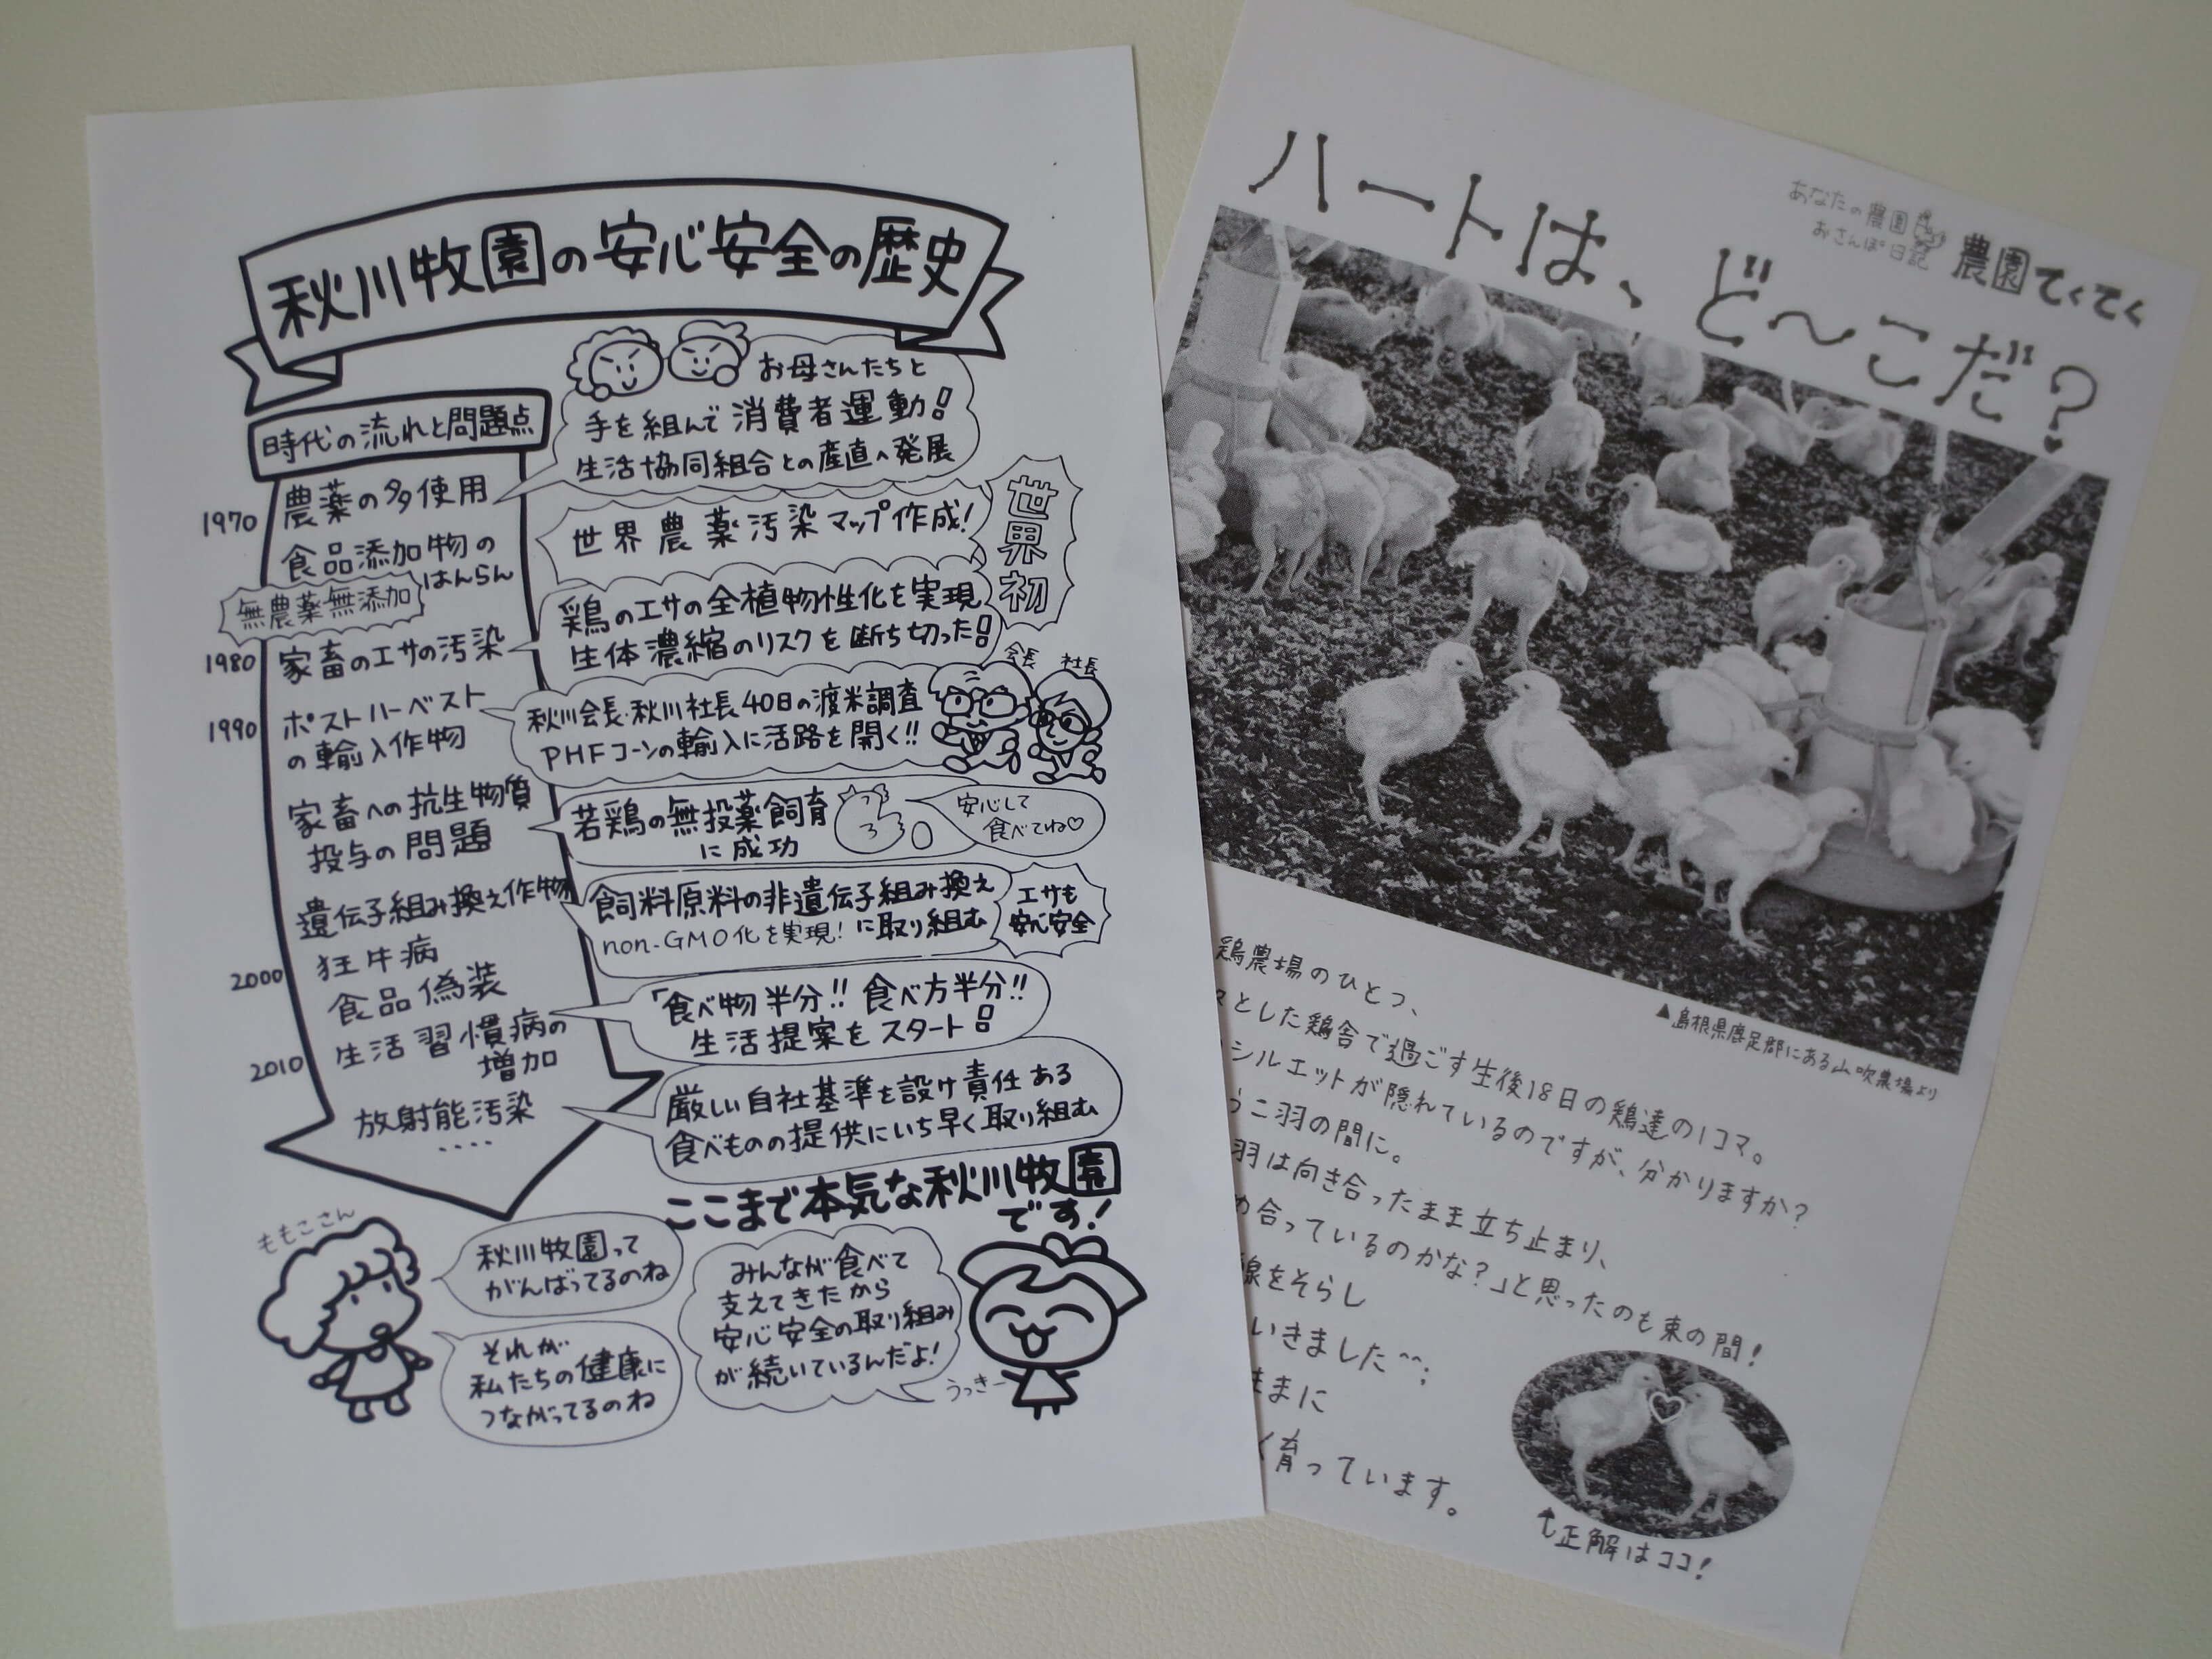 秋川牧園お試しセット感想43